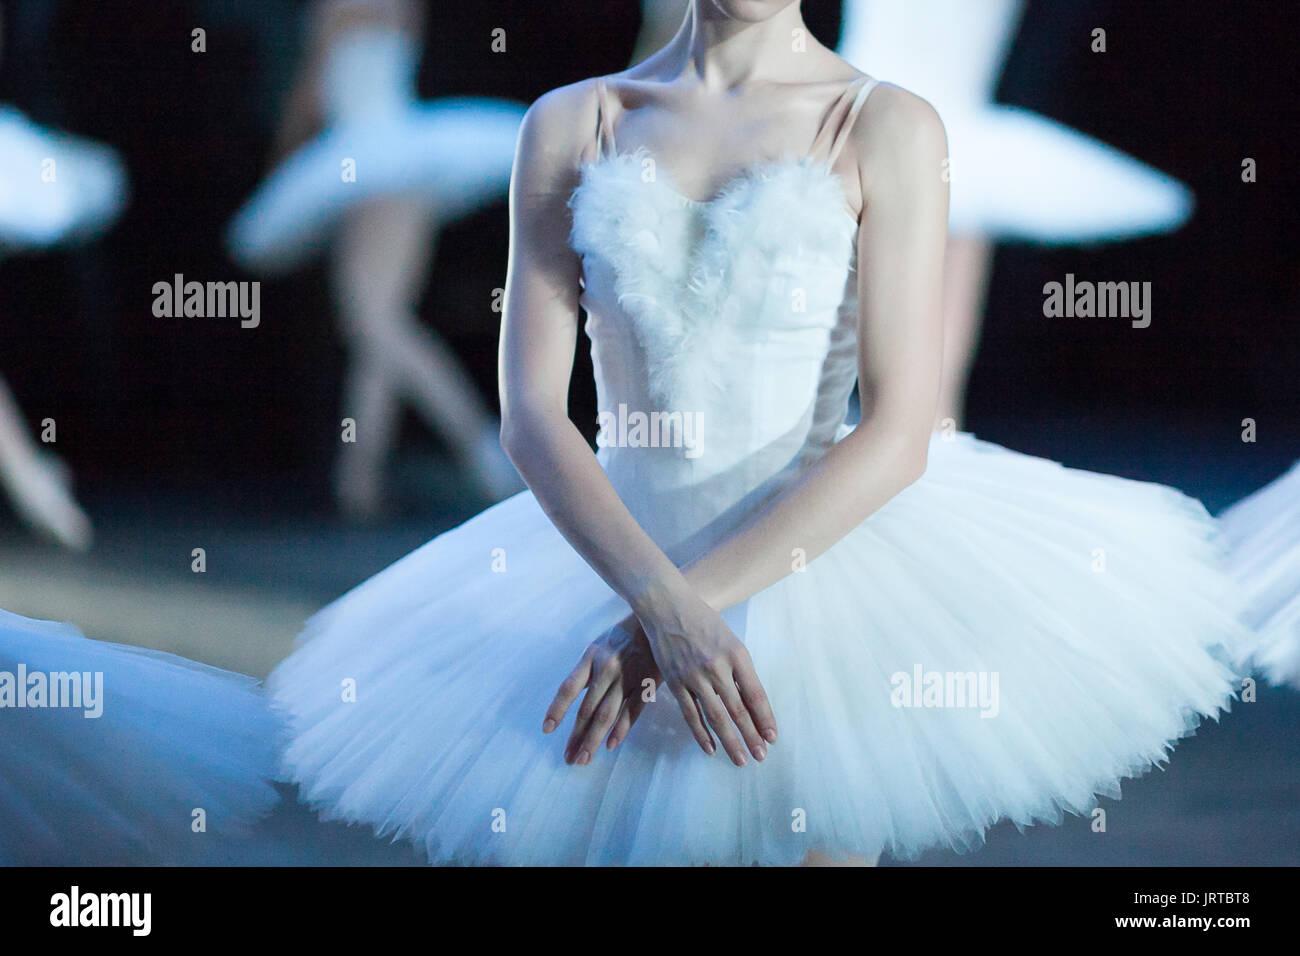 Anatomie, Schönheit, Tanz Konzept. Zarte Arme von Ballerina ...